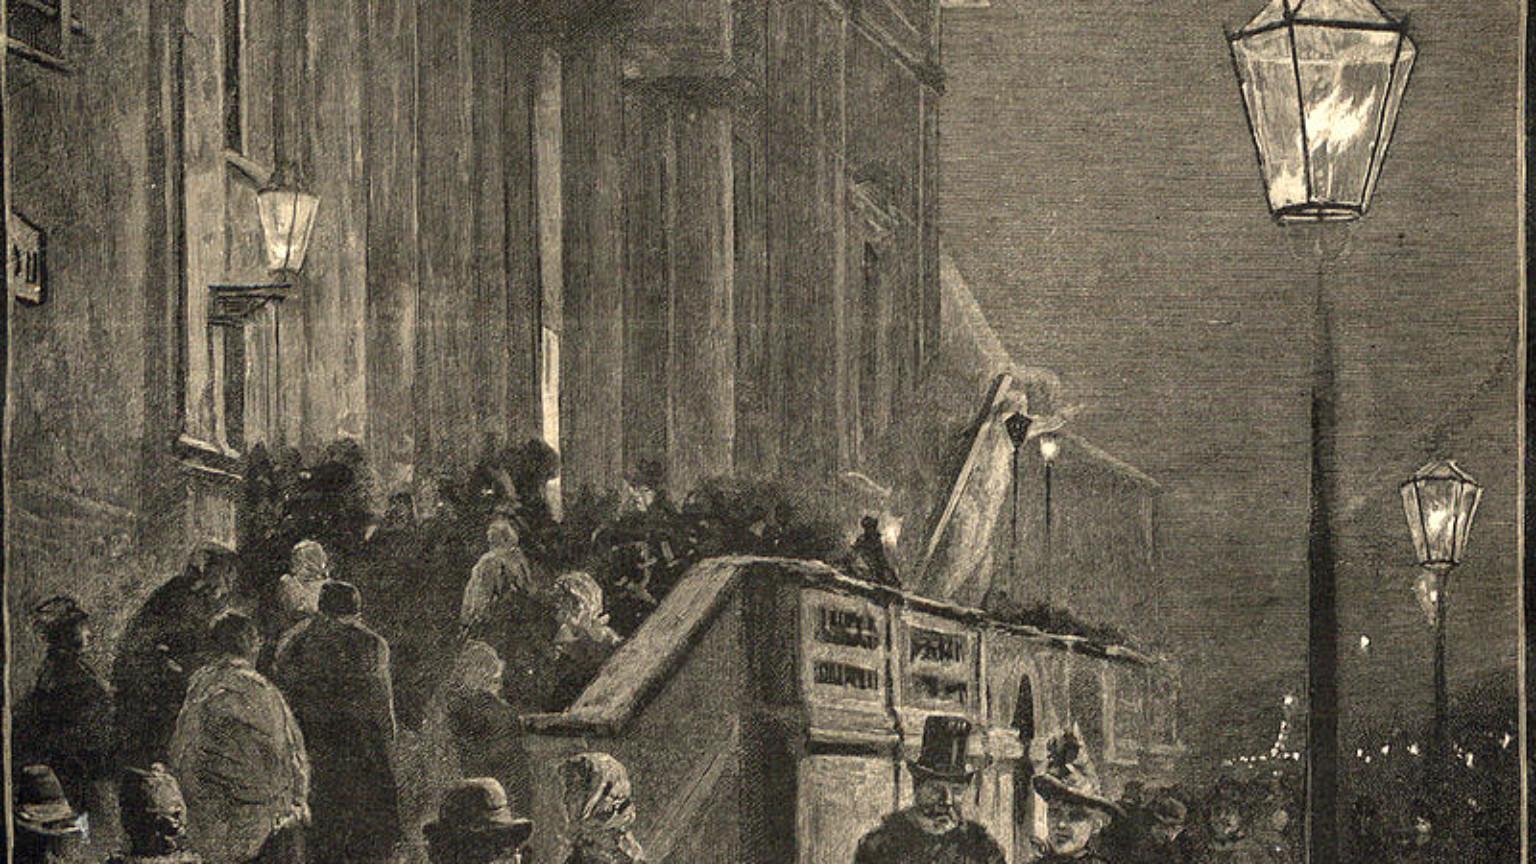 Zdjęcie dla kartki: Pierwsze lampy gazowe oświetlające Trakt Królewski